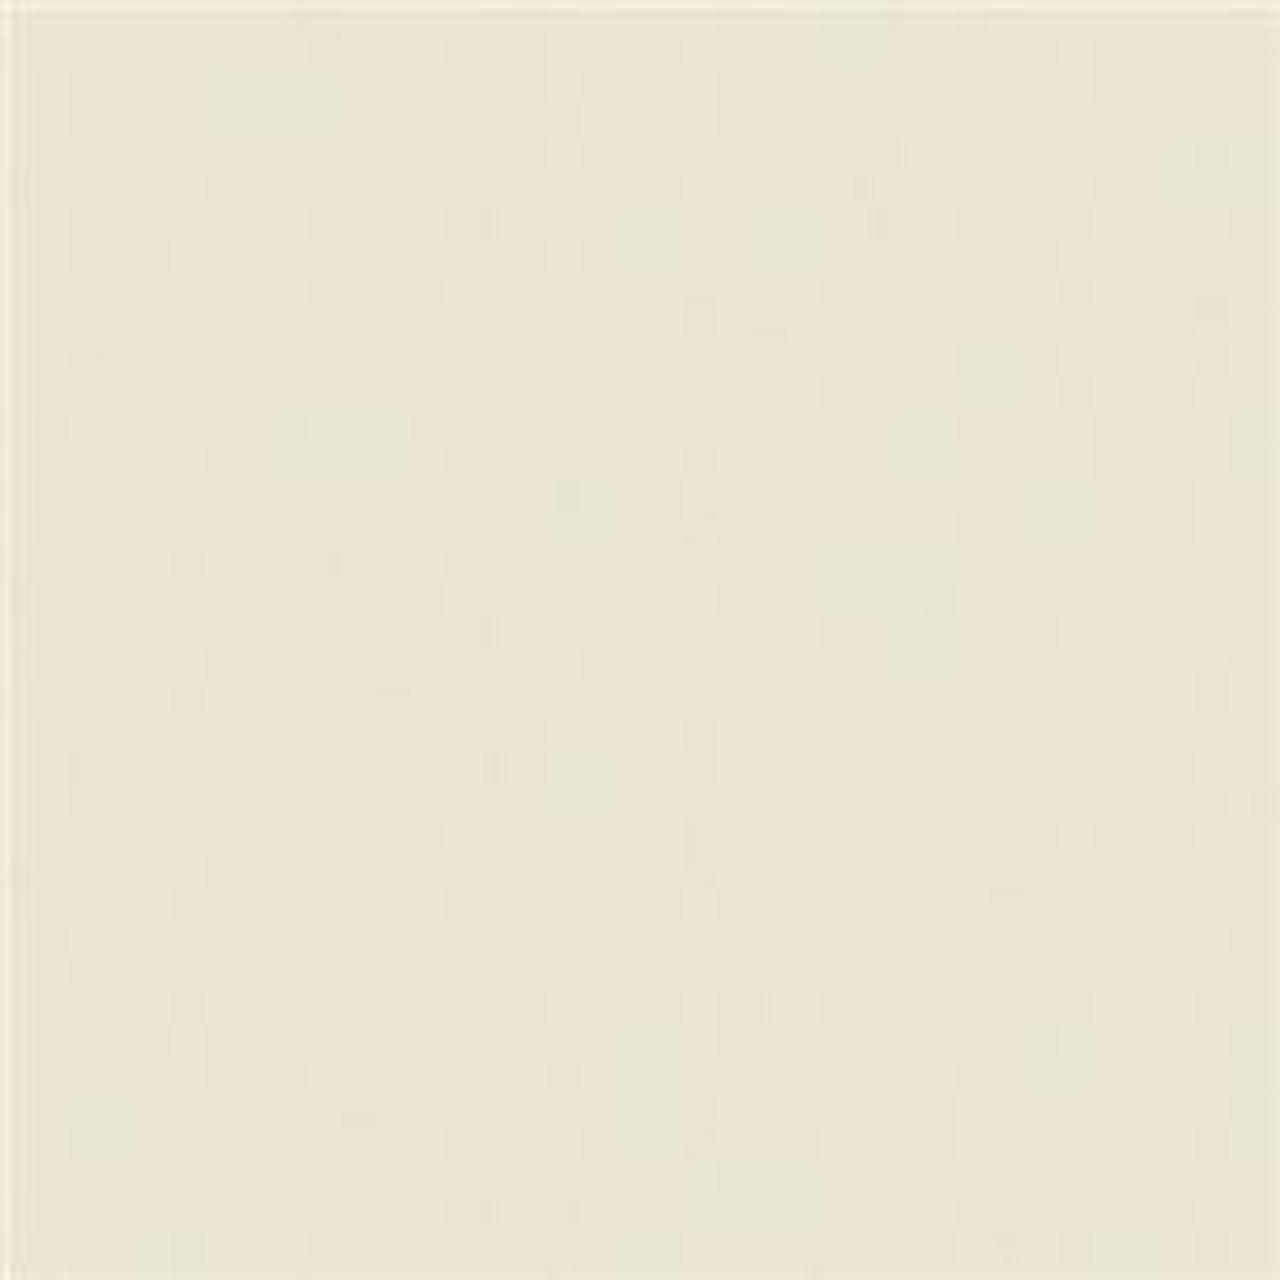 Rosco Cinegel Sheet #3410: Roscosun 1/8 CTO, Gels